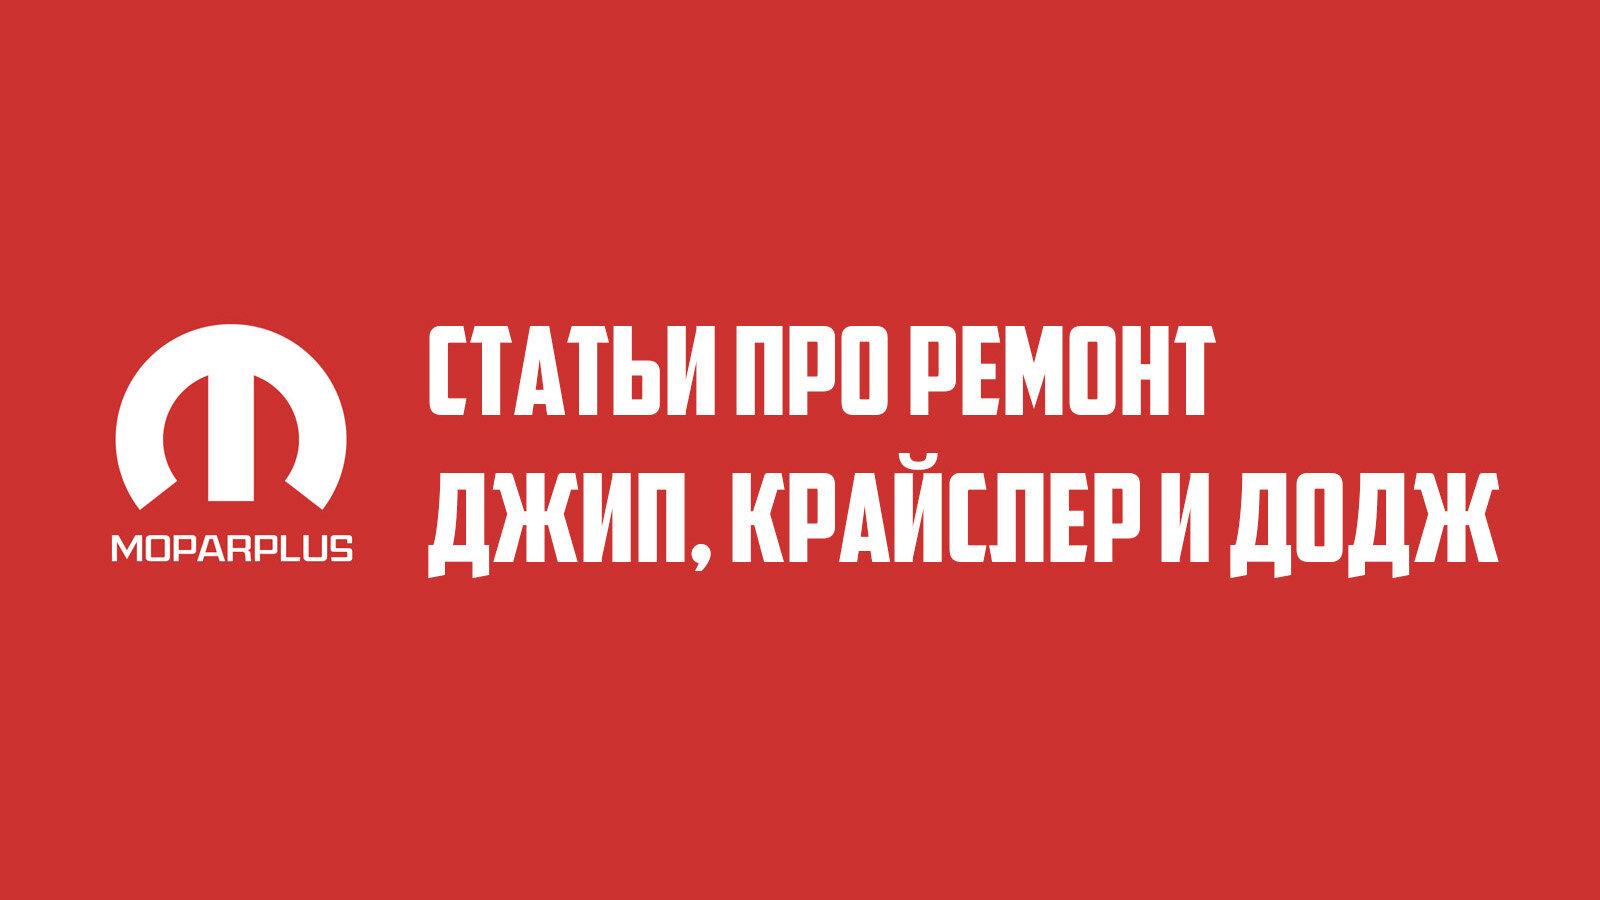 Статьи про ремонт. Выпуск №72.